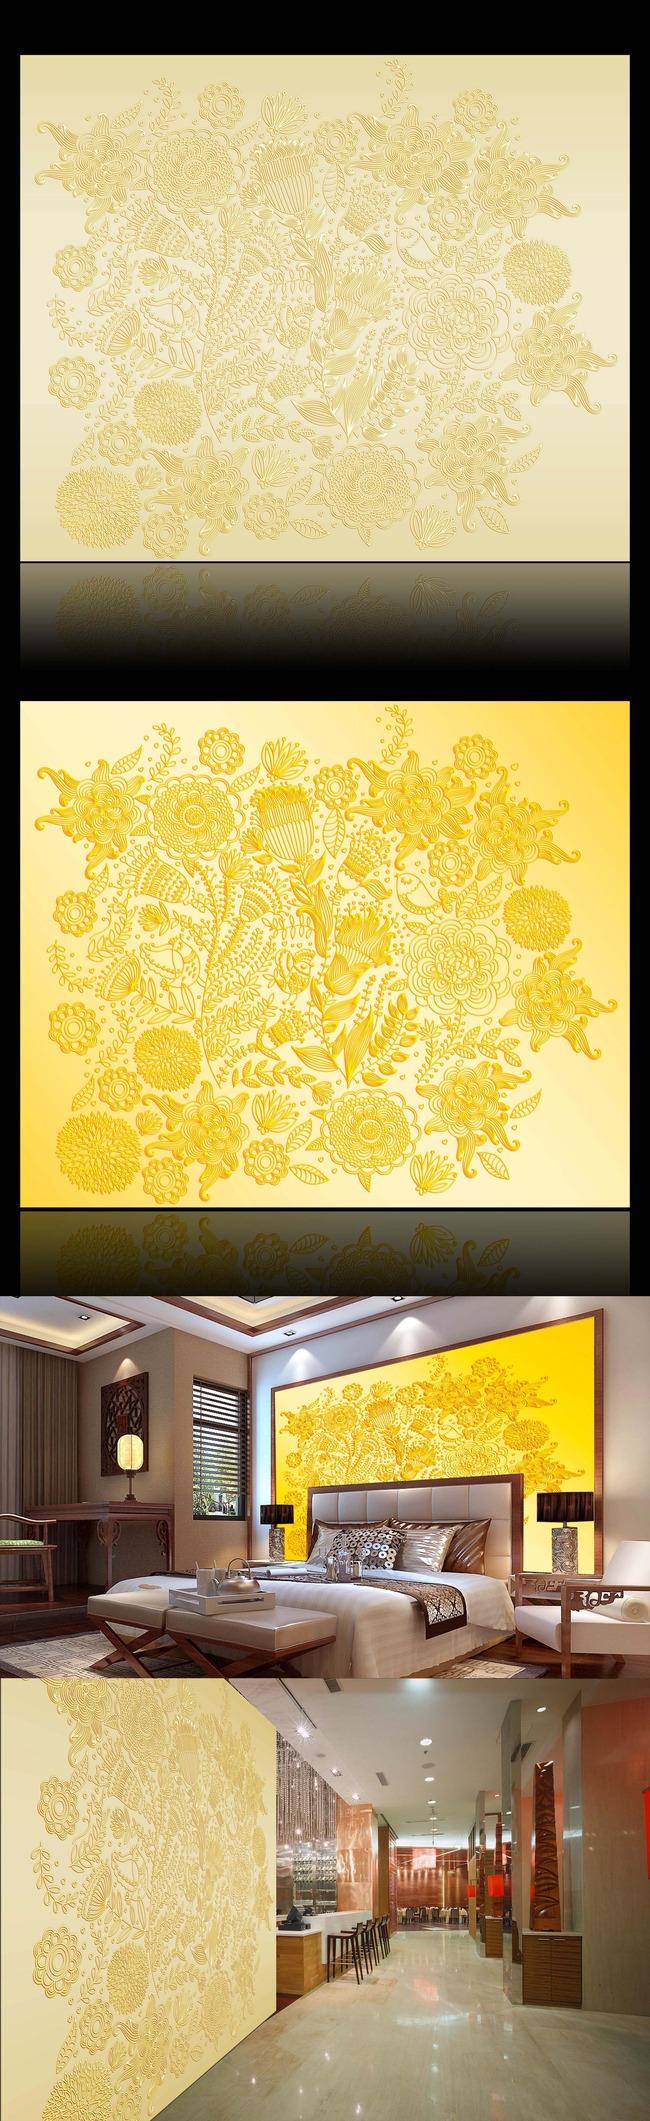 金色玉石古典花纹立体雕刻背景墙